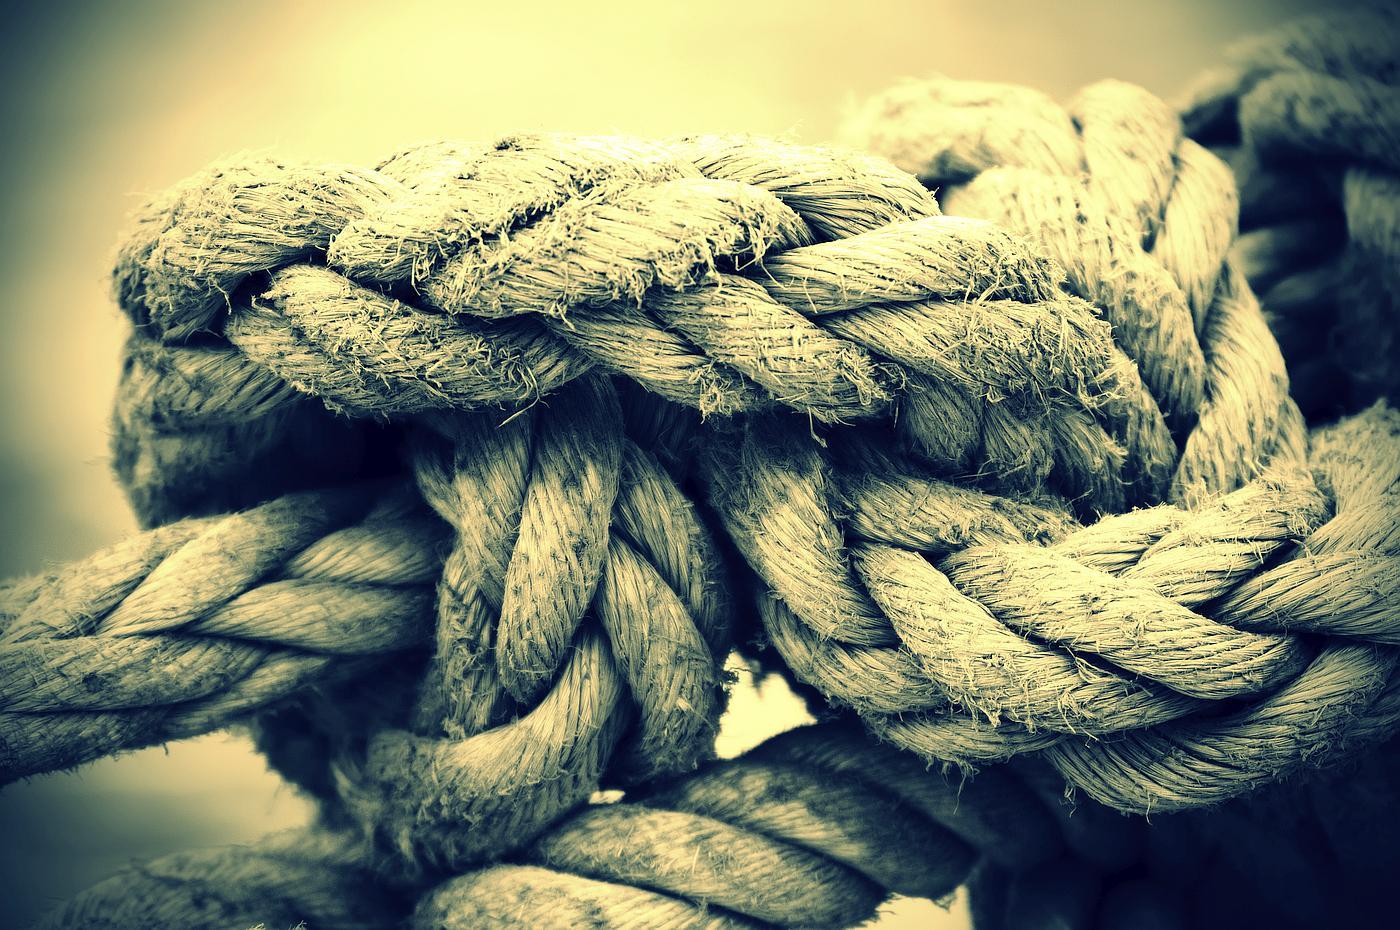 Nije lako živjeti u čvoru. Nema lakoće, nema slobode. U vezi čega god da odlučite biti tvrdi i nepopustljivi, taj čvor će stalno biti prisutan u vama i držat će vašu osobnu radost i slobodu zavezanom.